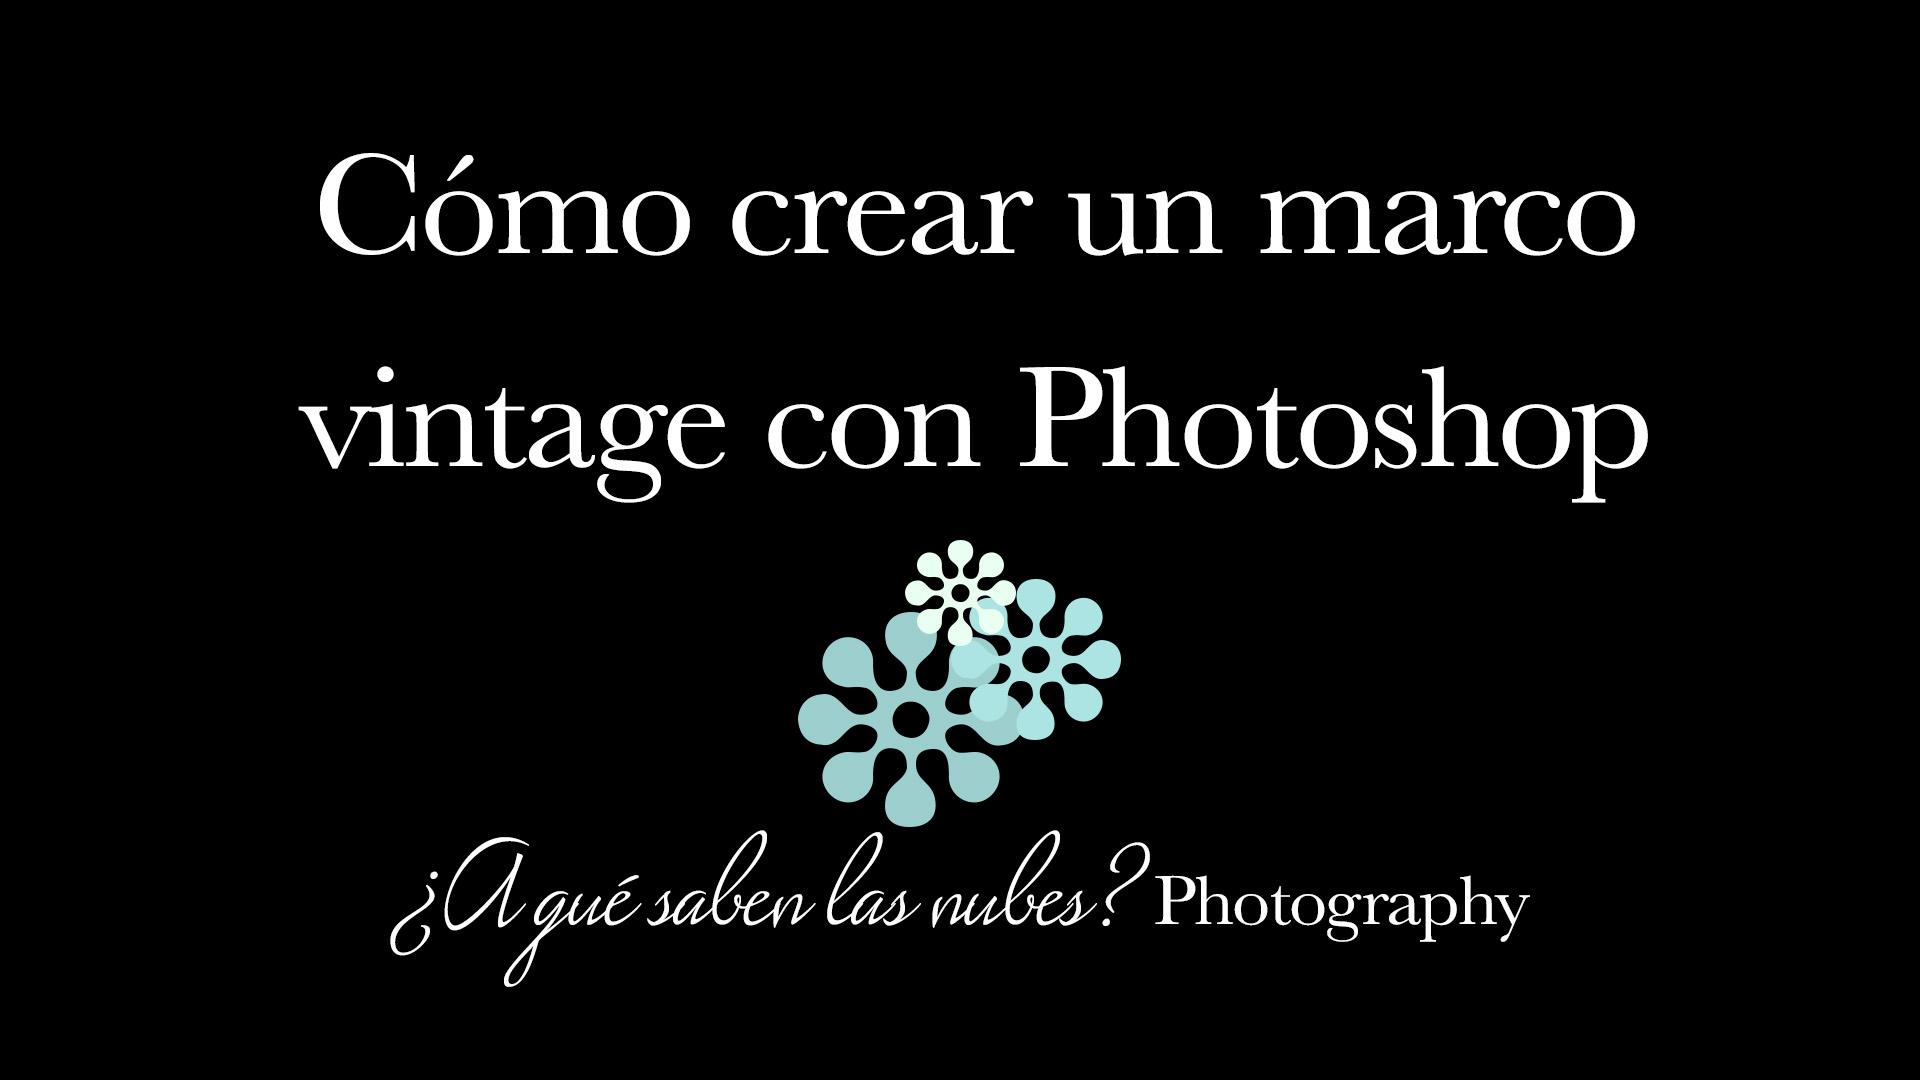 Cómo crear un marco vintage con Photoshop